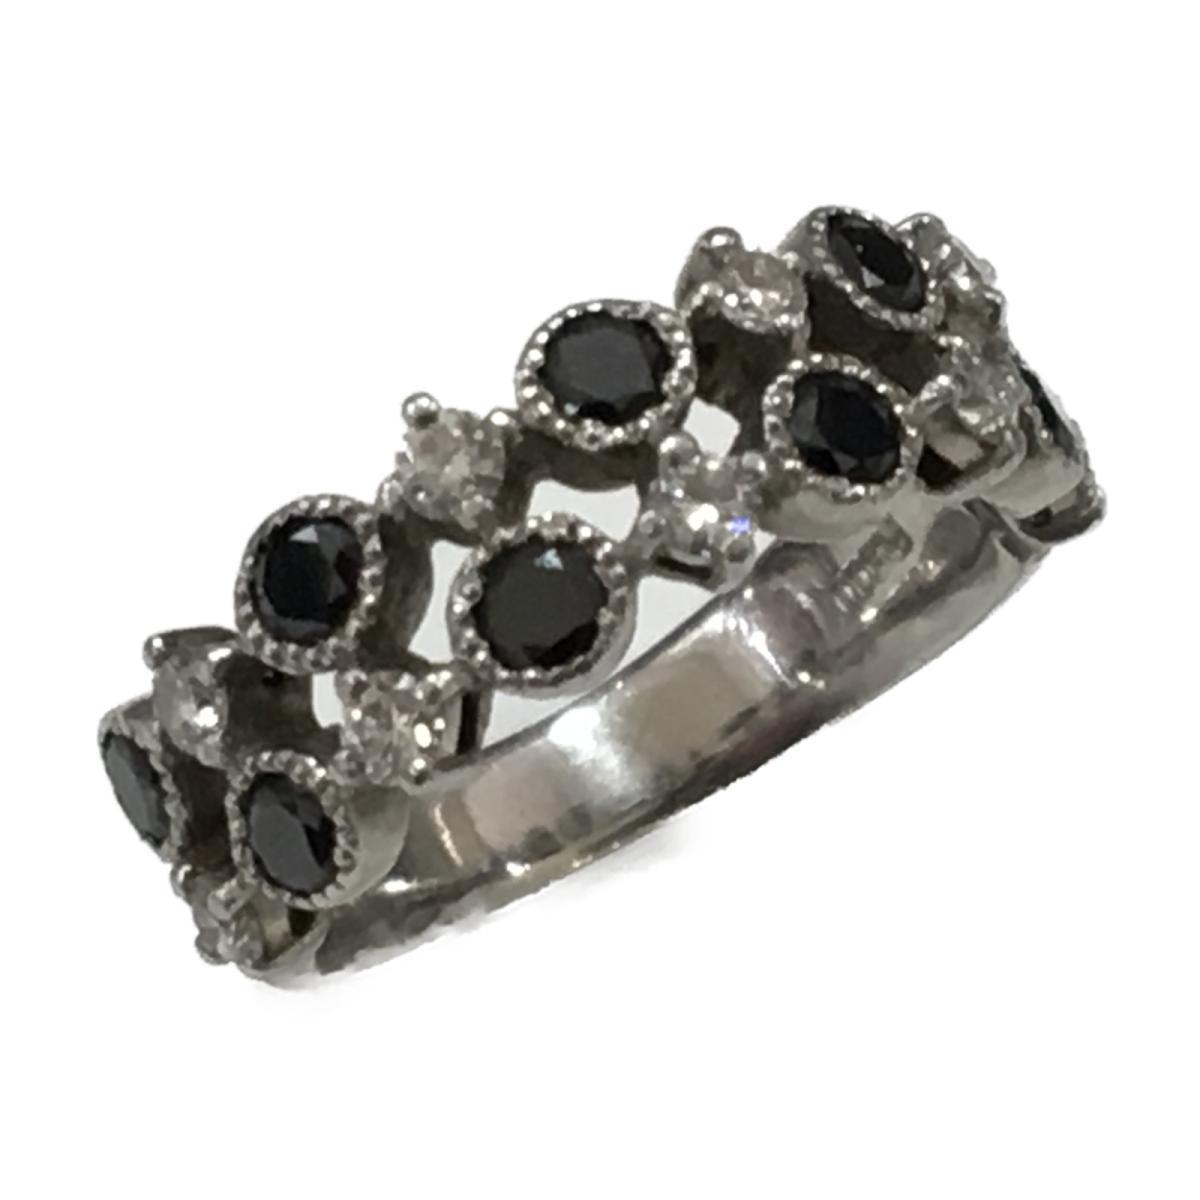 JEWELRY(ジュエリー)/ジュエリー ブラックダイヤモンド ダイヤモンド リング 指輪/可愛い/リング//PT900(プラチナ)×ダイヤモンド(0.8ct)/【ランクA】/8.5号【中古】